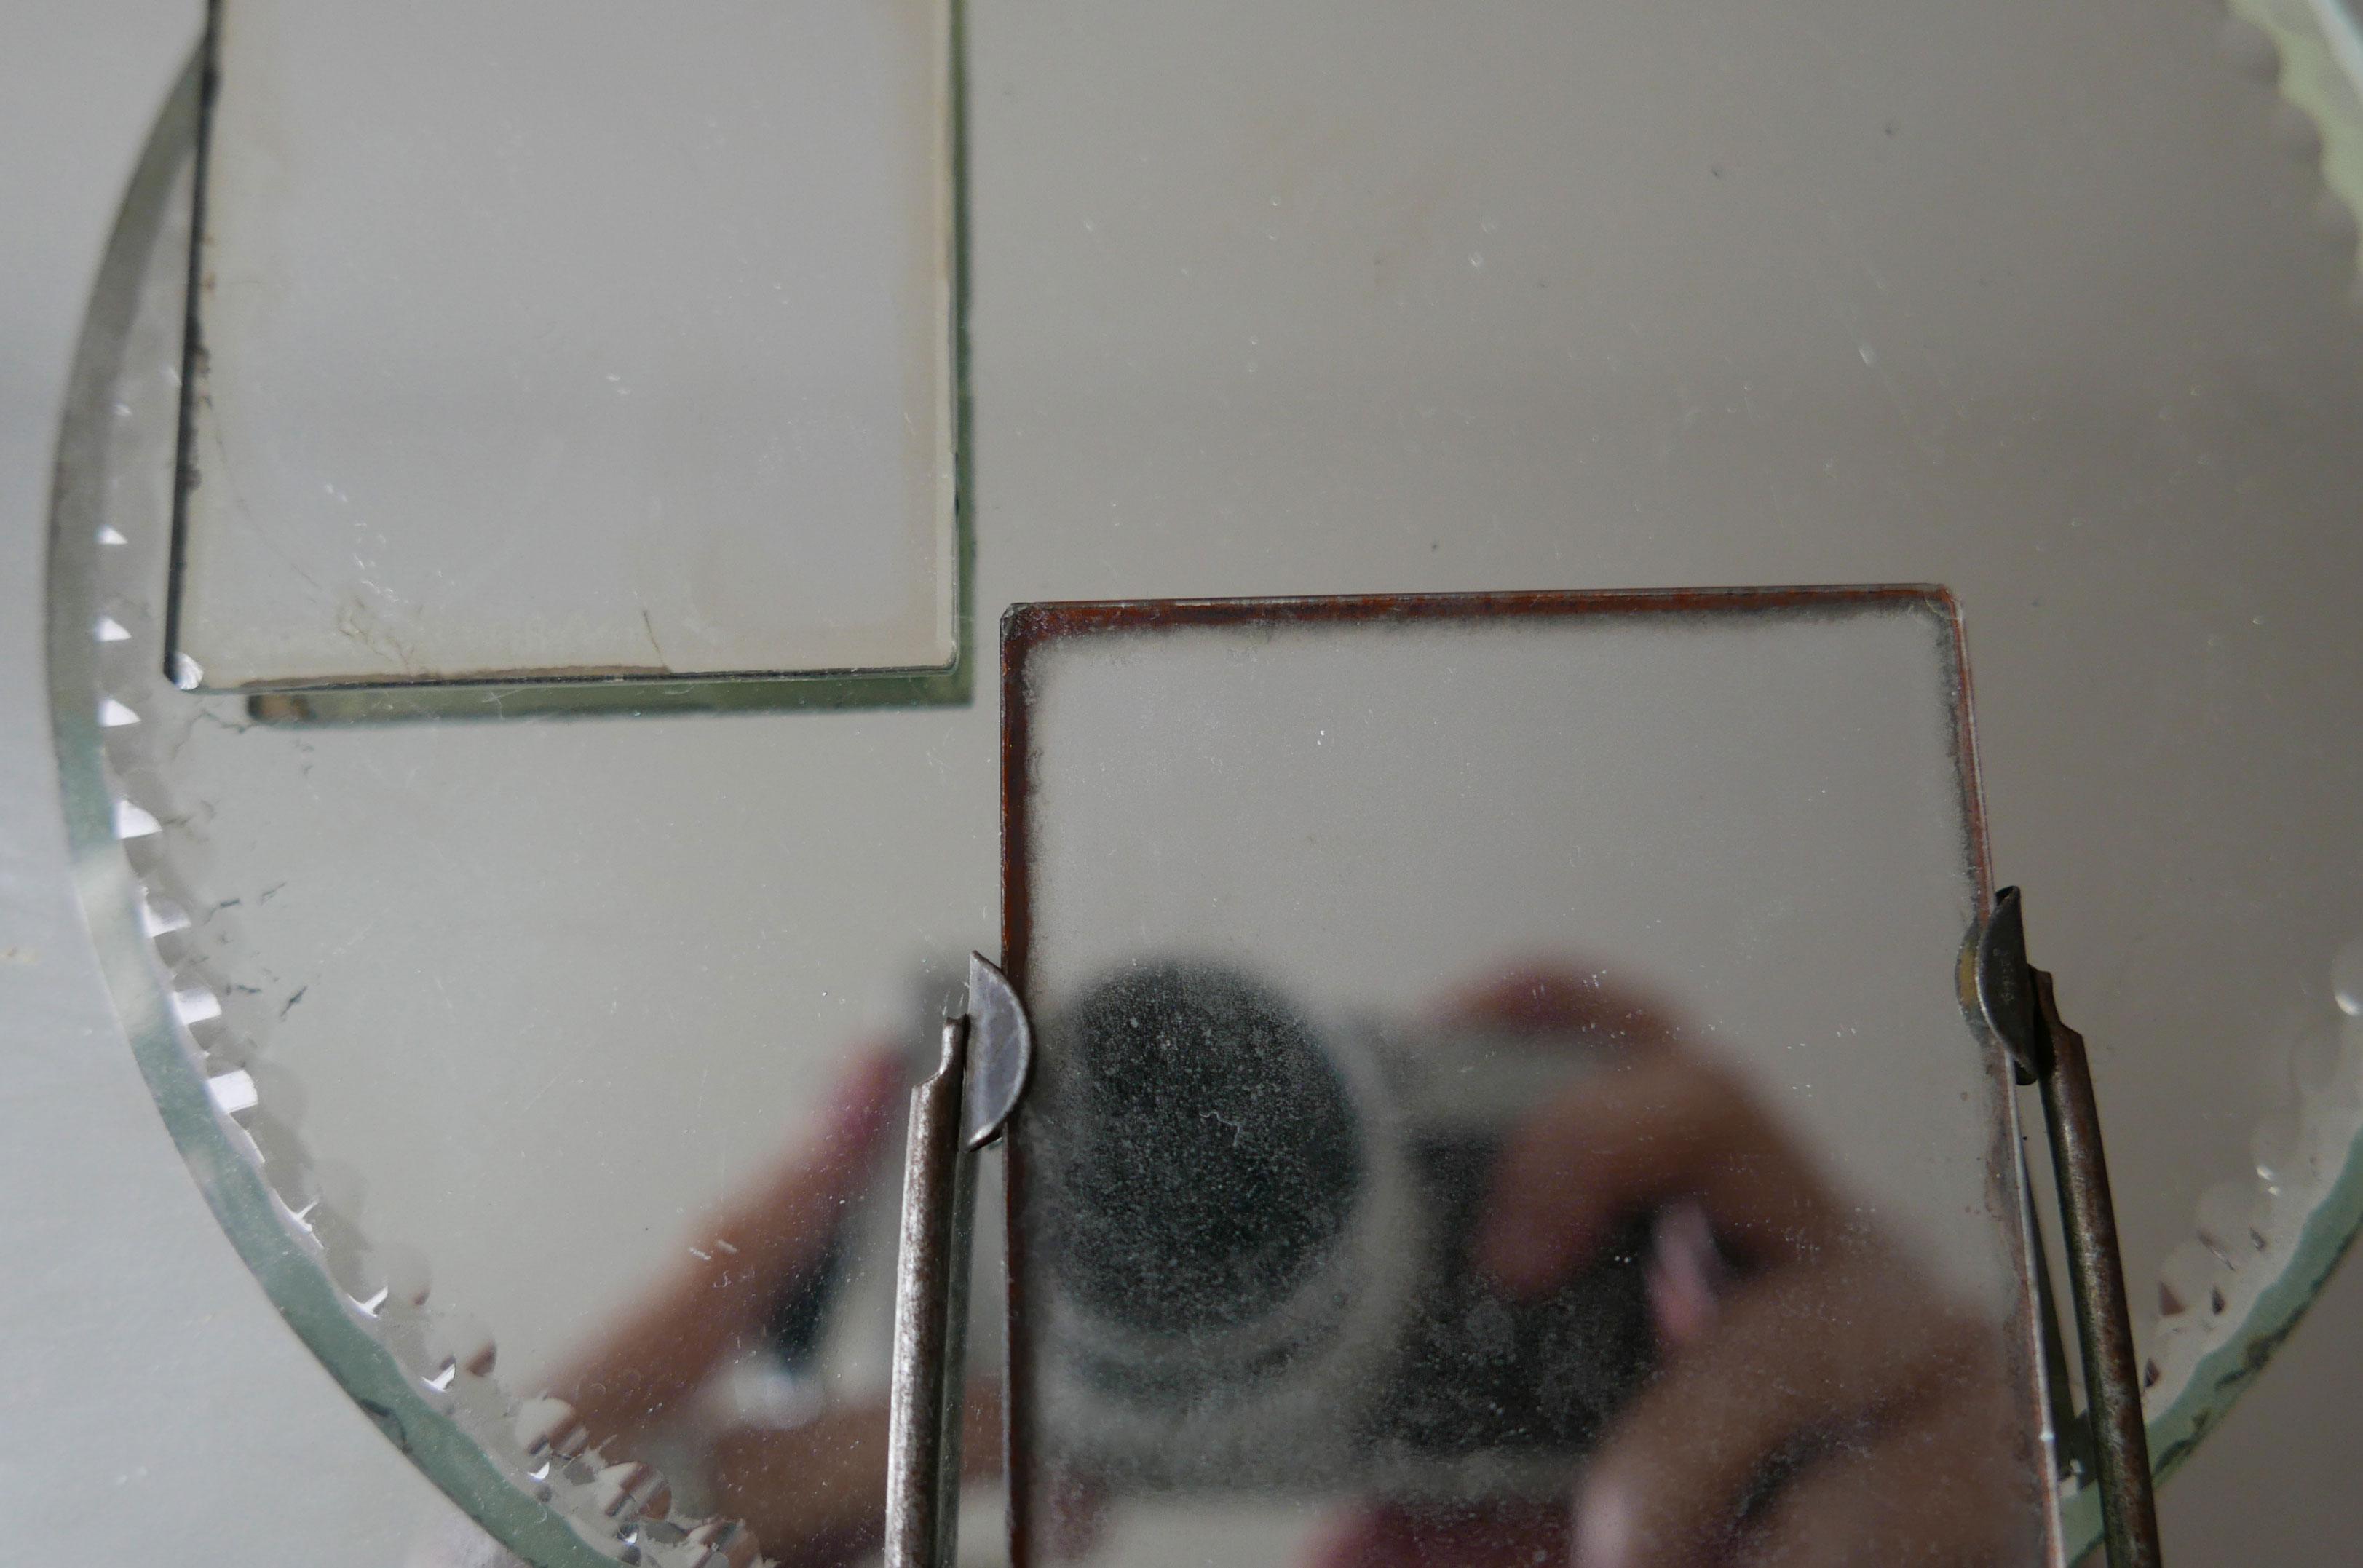 Spiegelung der Kamera in Spiegelflächen